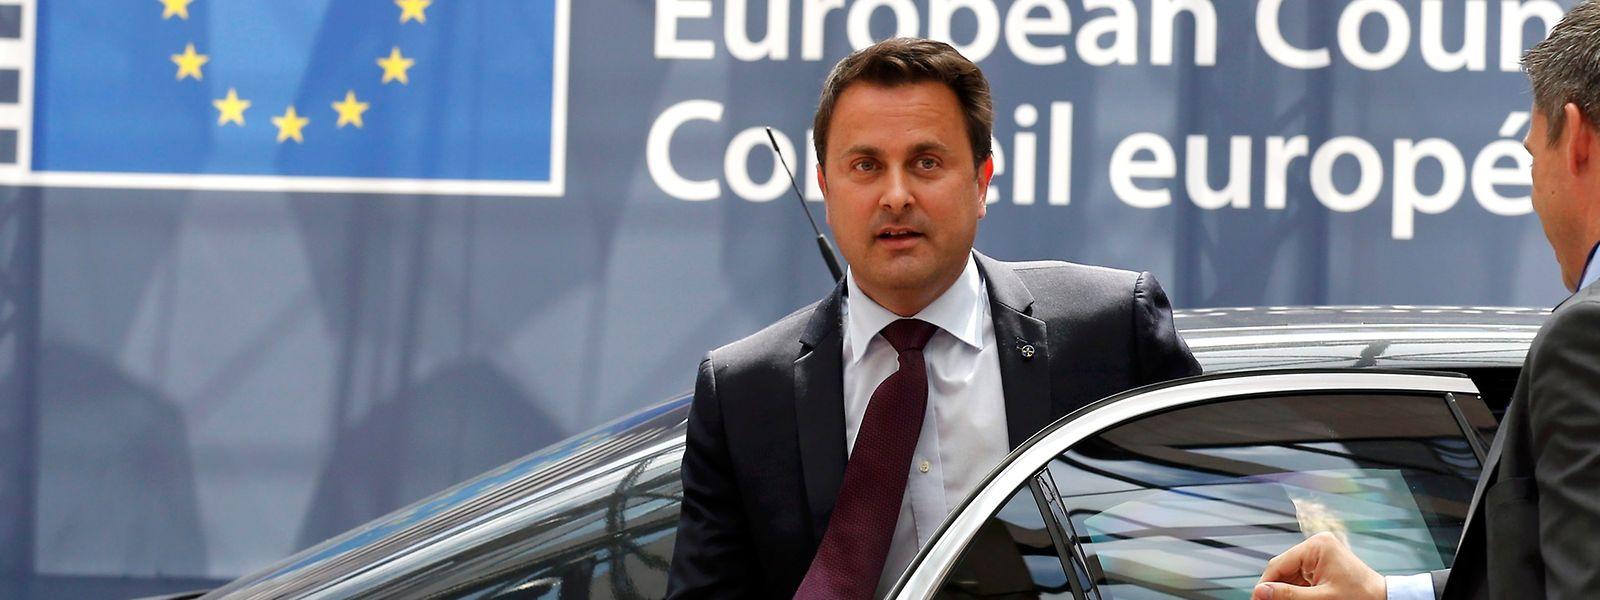 Le gouvernement opte pour les marques allemandes (Audi, BMW ou Mercedes), comme le Premier ministre lors d'un déplacement à Bruxelles.